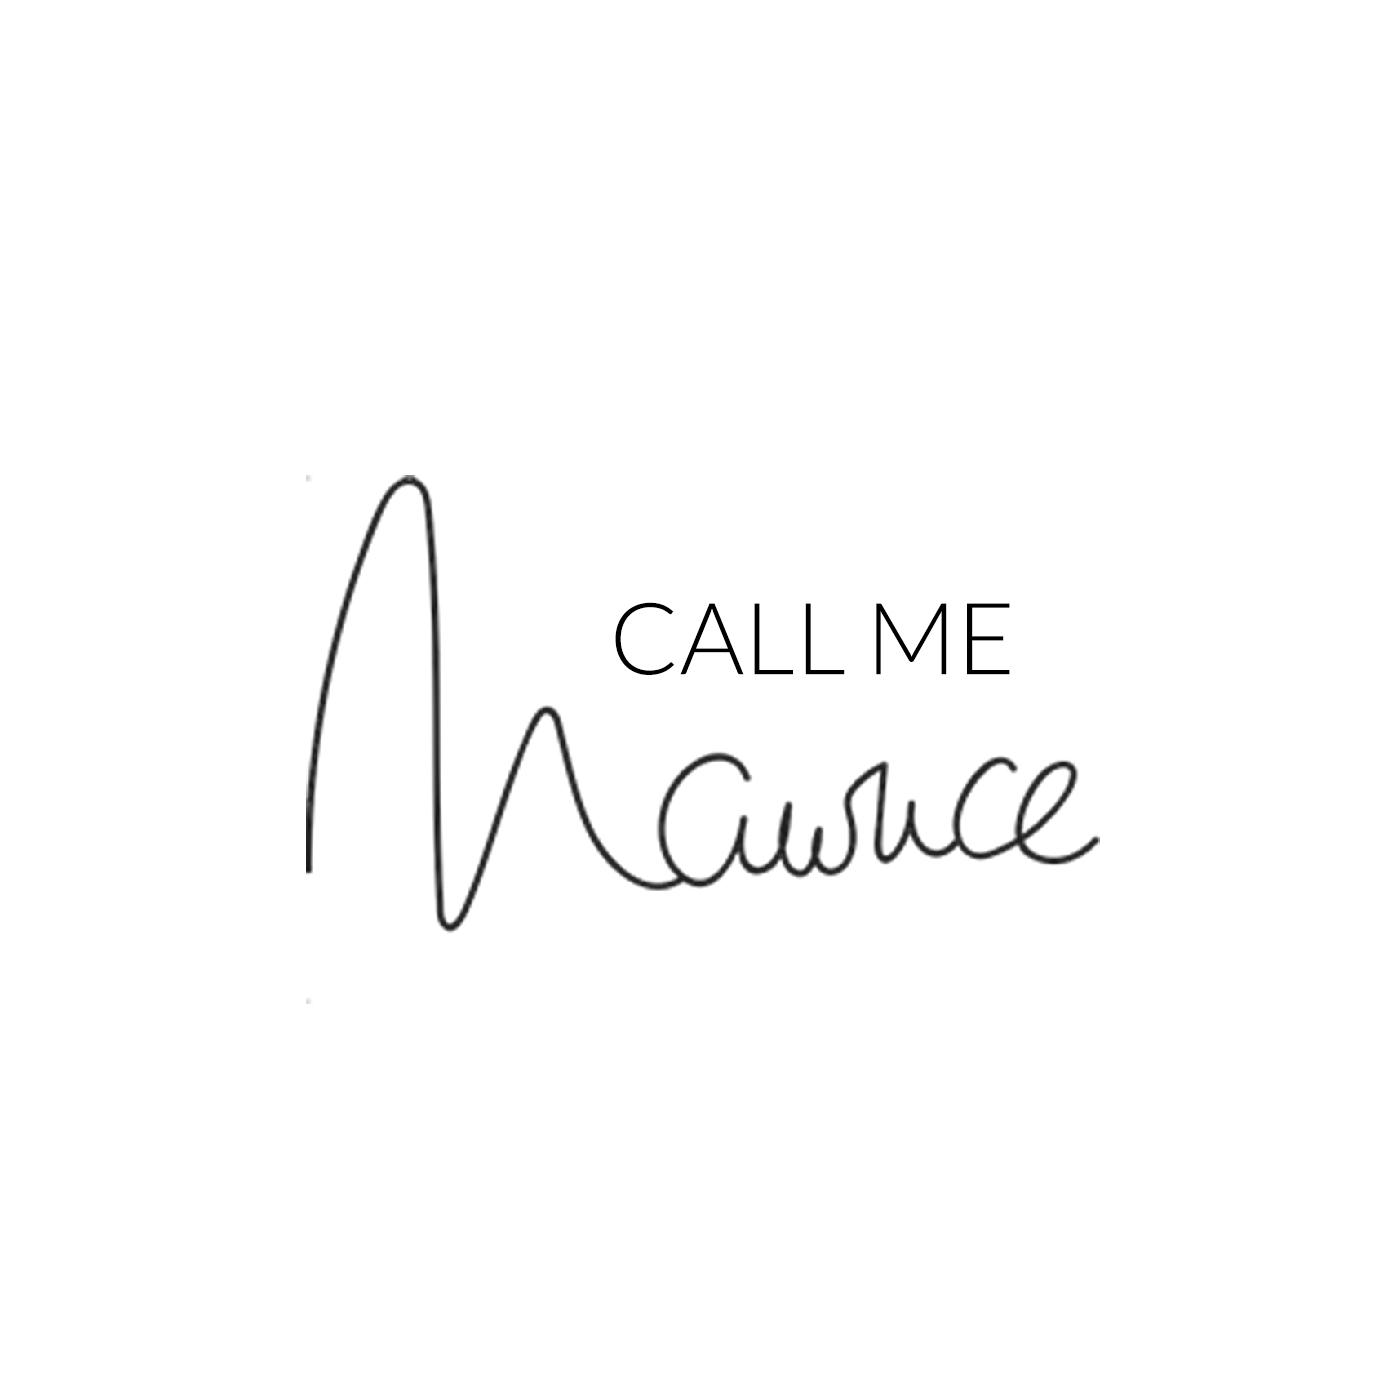 callmemaurice2